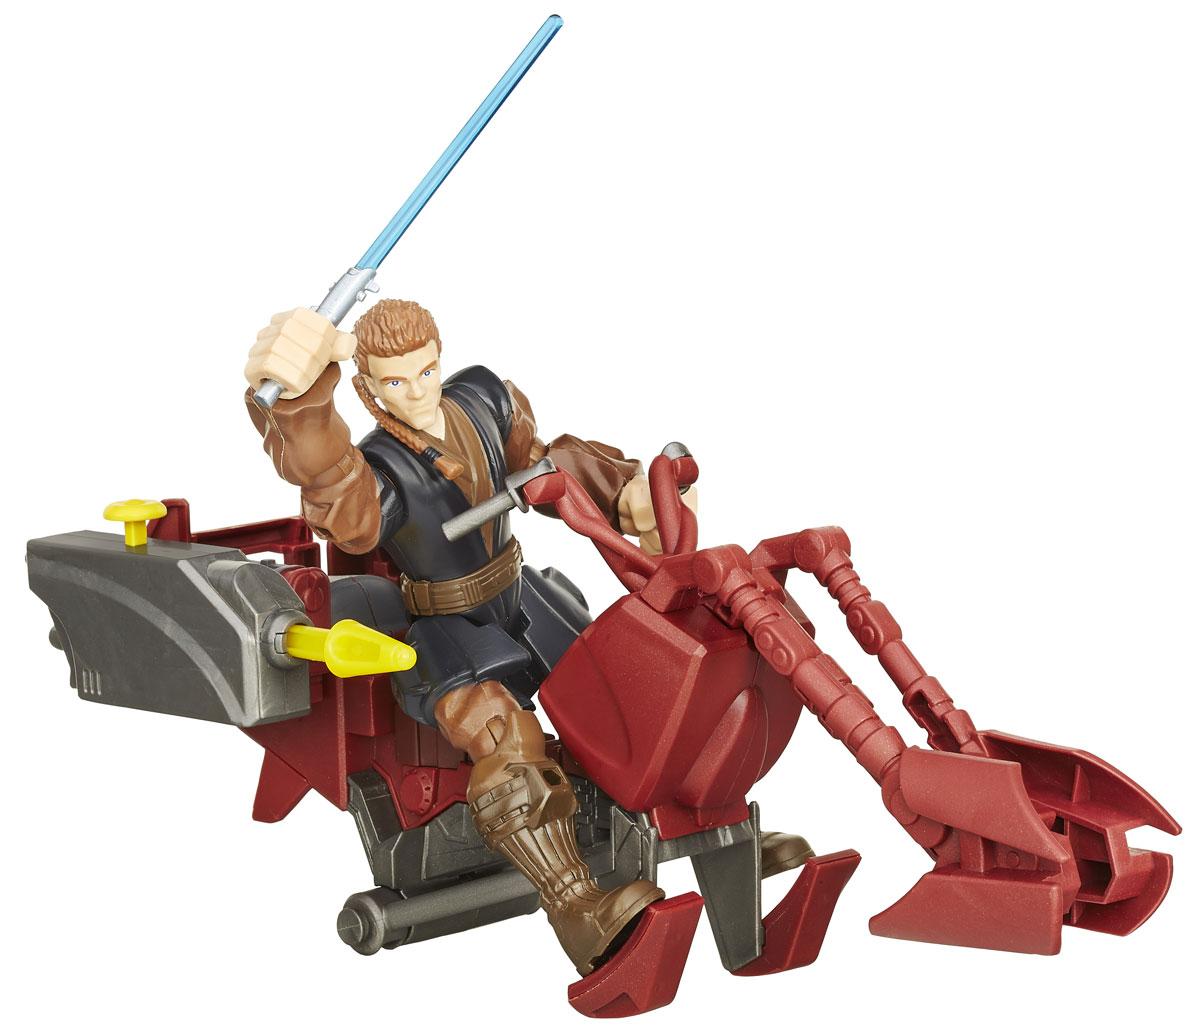 HeroMashers Фигурка сборная Лихачи Звездных войн Jedi SpeederB3831EU4_B3833Игровой набор с фигуркой создана в виде героя всеми любимой фантастической саги Звездные Войны - Jedi Speeder. Фигурка из пластика проработана до мельчайших деталей и является точной копией своего прототипа в уменьшенном размере. Конечности фигурки подвижны: поворачивается голова, сгибаются ноги и руки. Все это сделает игру реалистичной и разнообразной. Части тела могут быть отсоединены и присоединены к другим фигуркам из линейки. Такая фигурка непременно понравится поклоннику Звездных войн и станет замечательным украшением любой коллекции. В комплекте с фигуркой идет скоростной байк, оснащенный оружием.